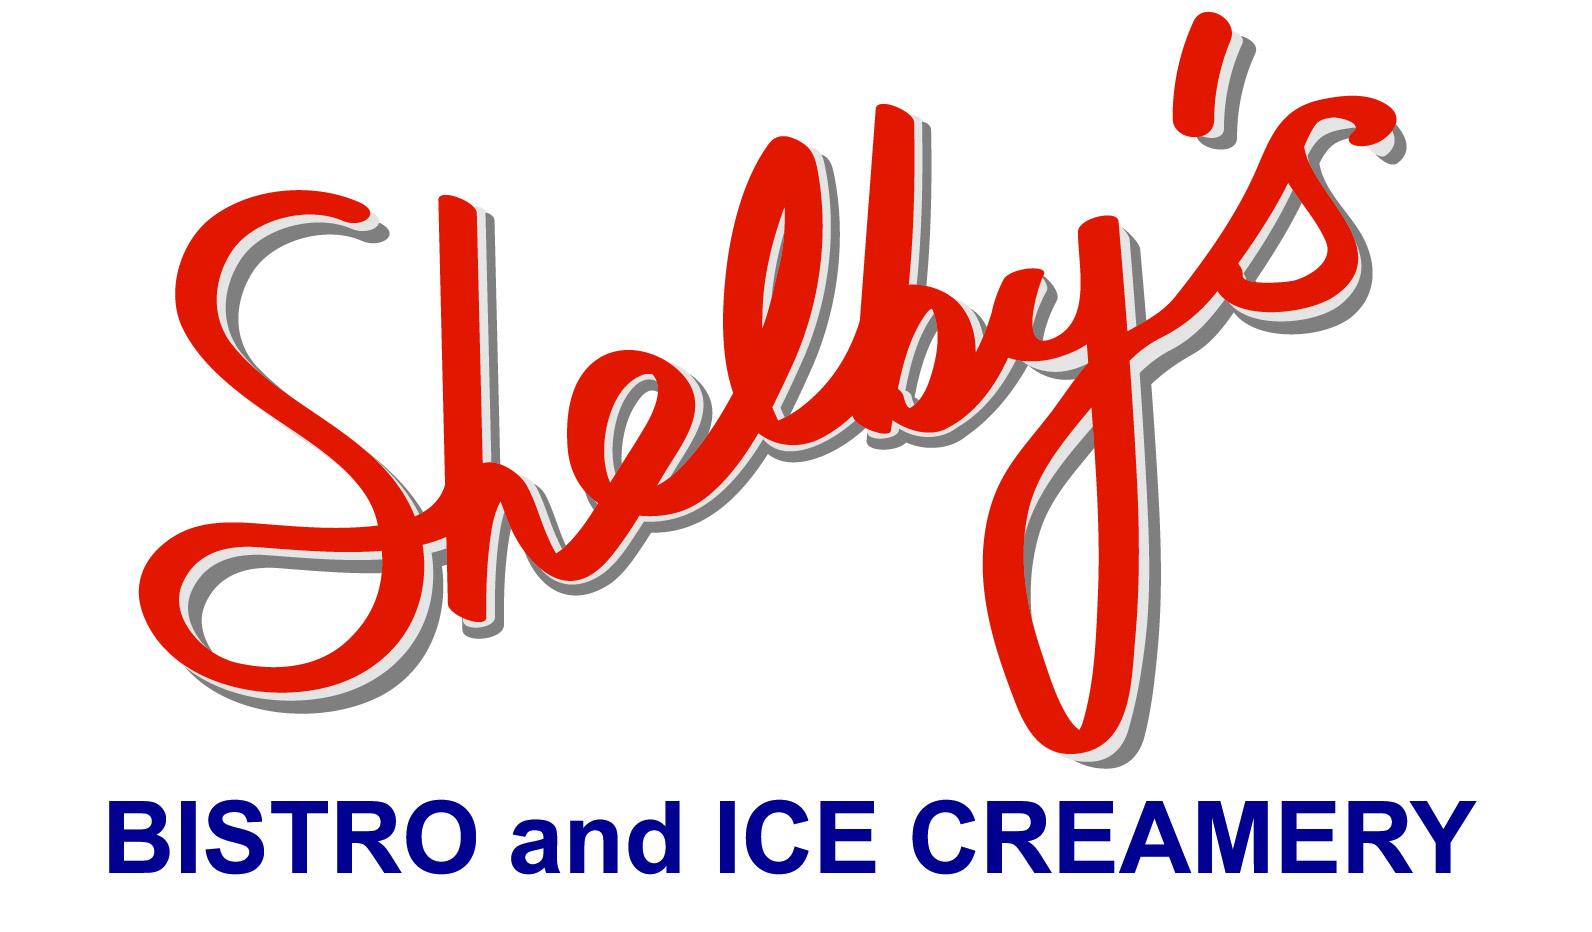 Shelby's logo_final_5-2-16_color breakdown